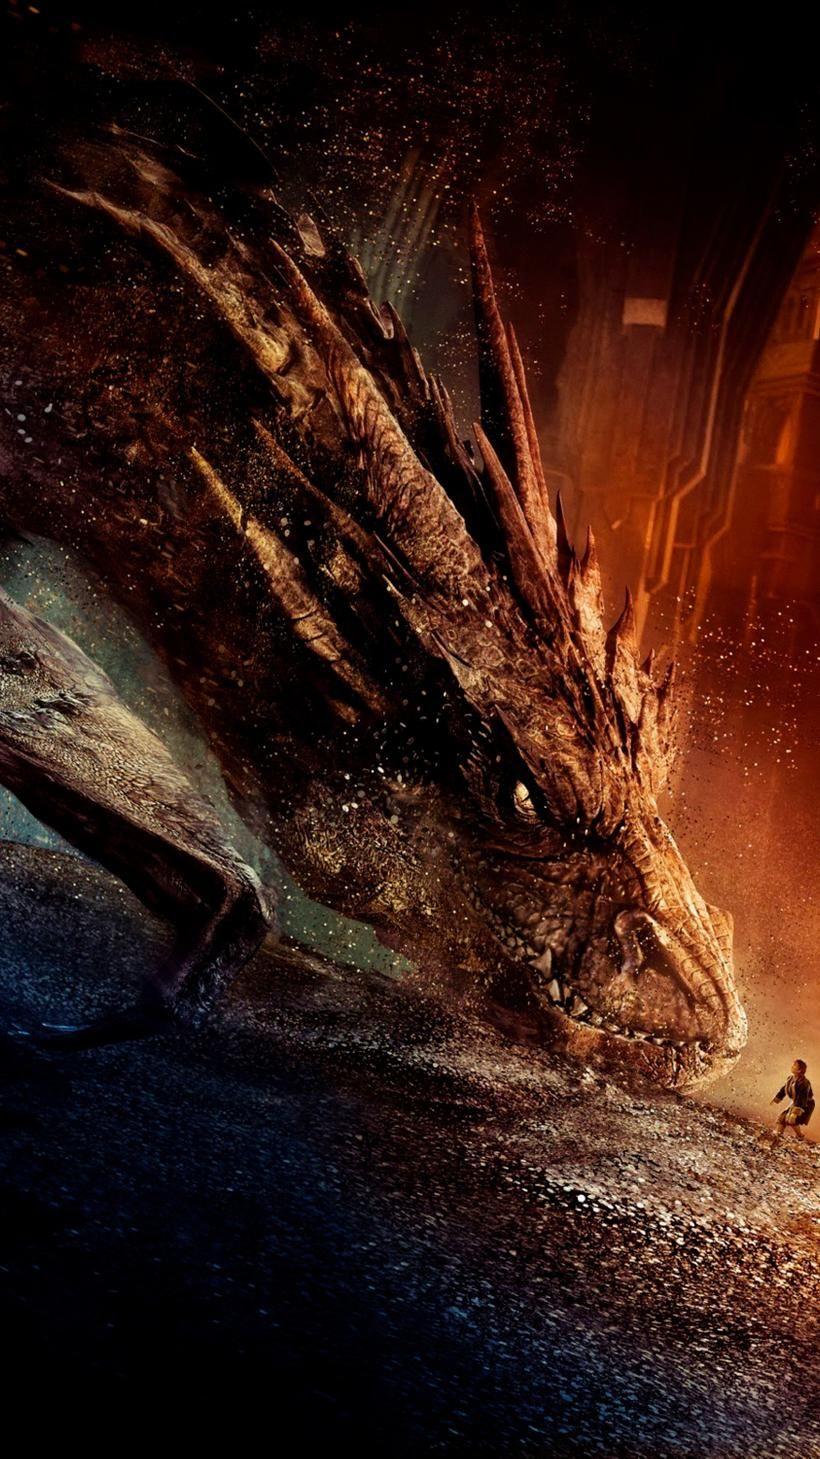 The Hobbit The Desolation Of Smaug 2013 Phone Wallpaper Moviemania The Hobbit The Hobbit Movies Desolation Of Smaug